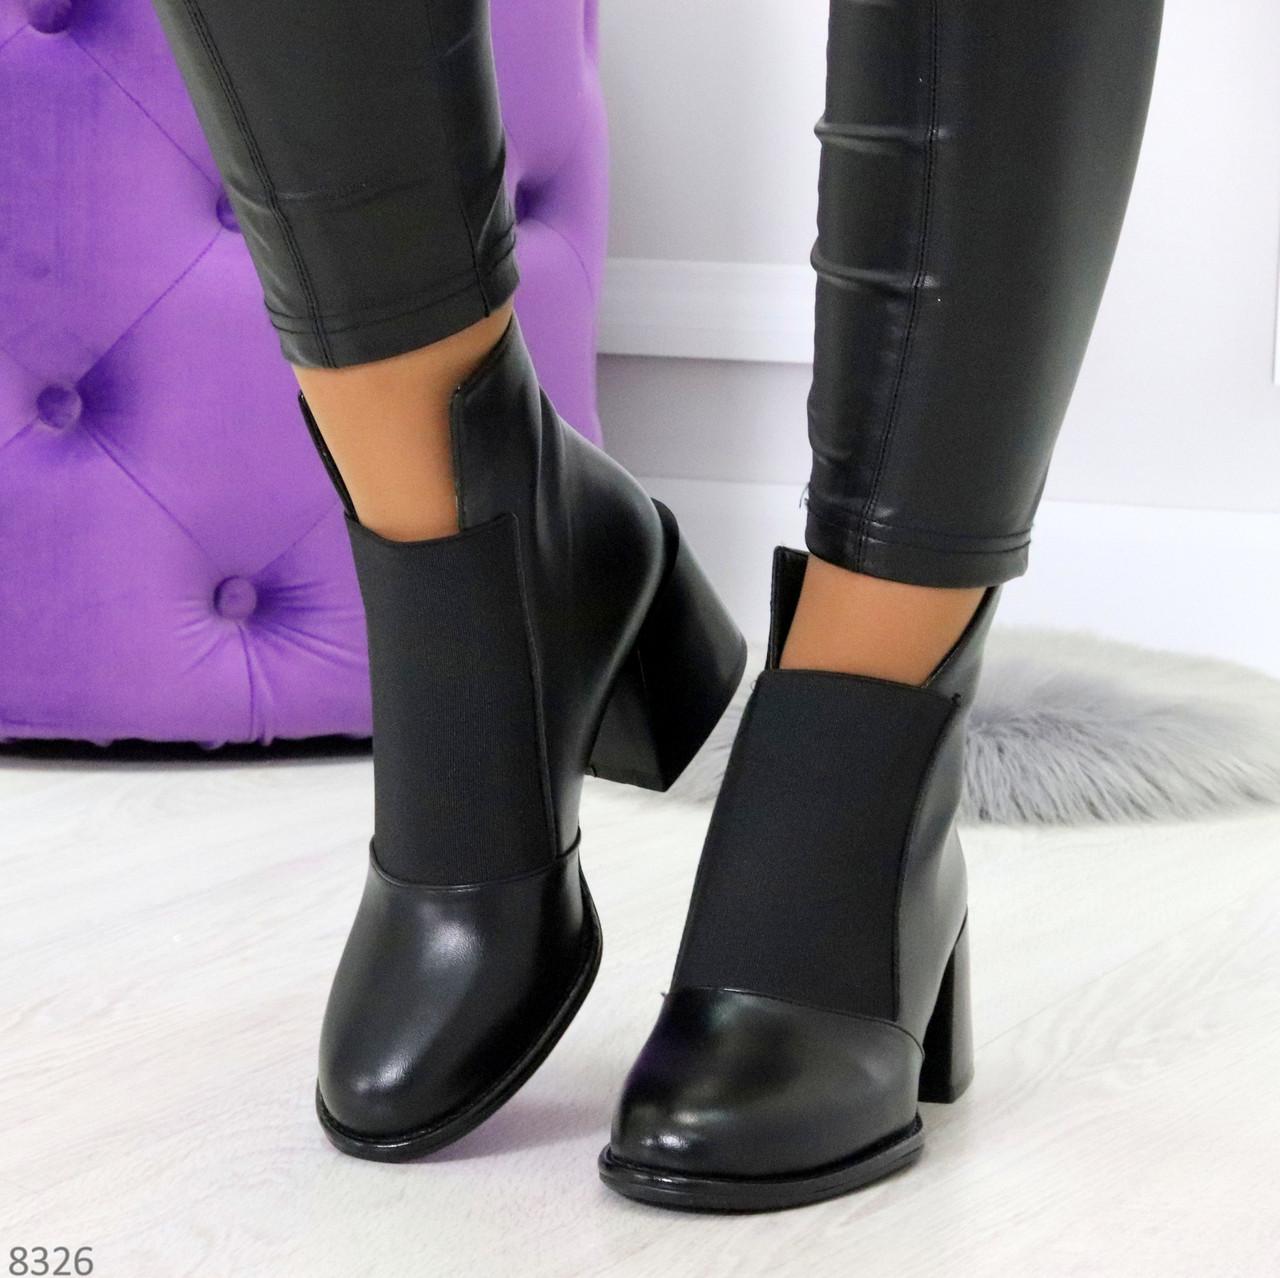 Шикарные черные демисезонные женские ботинки ботильоны на резинке